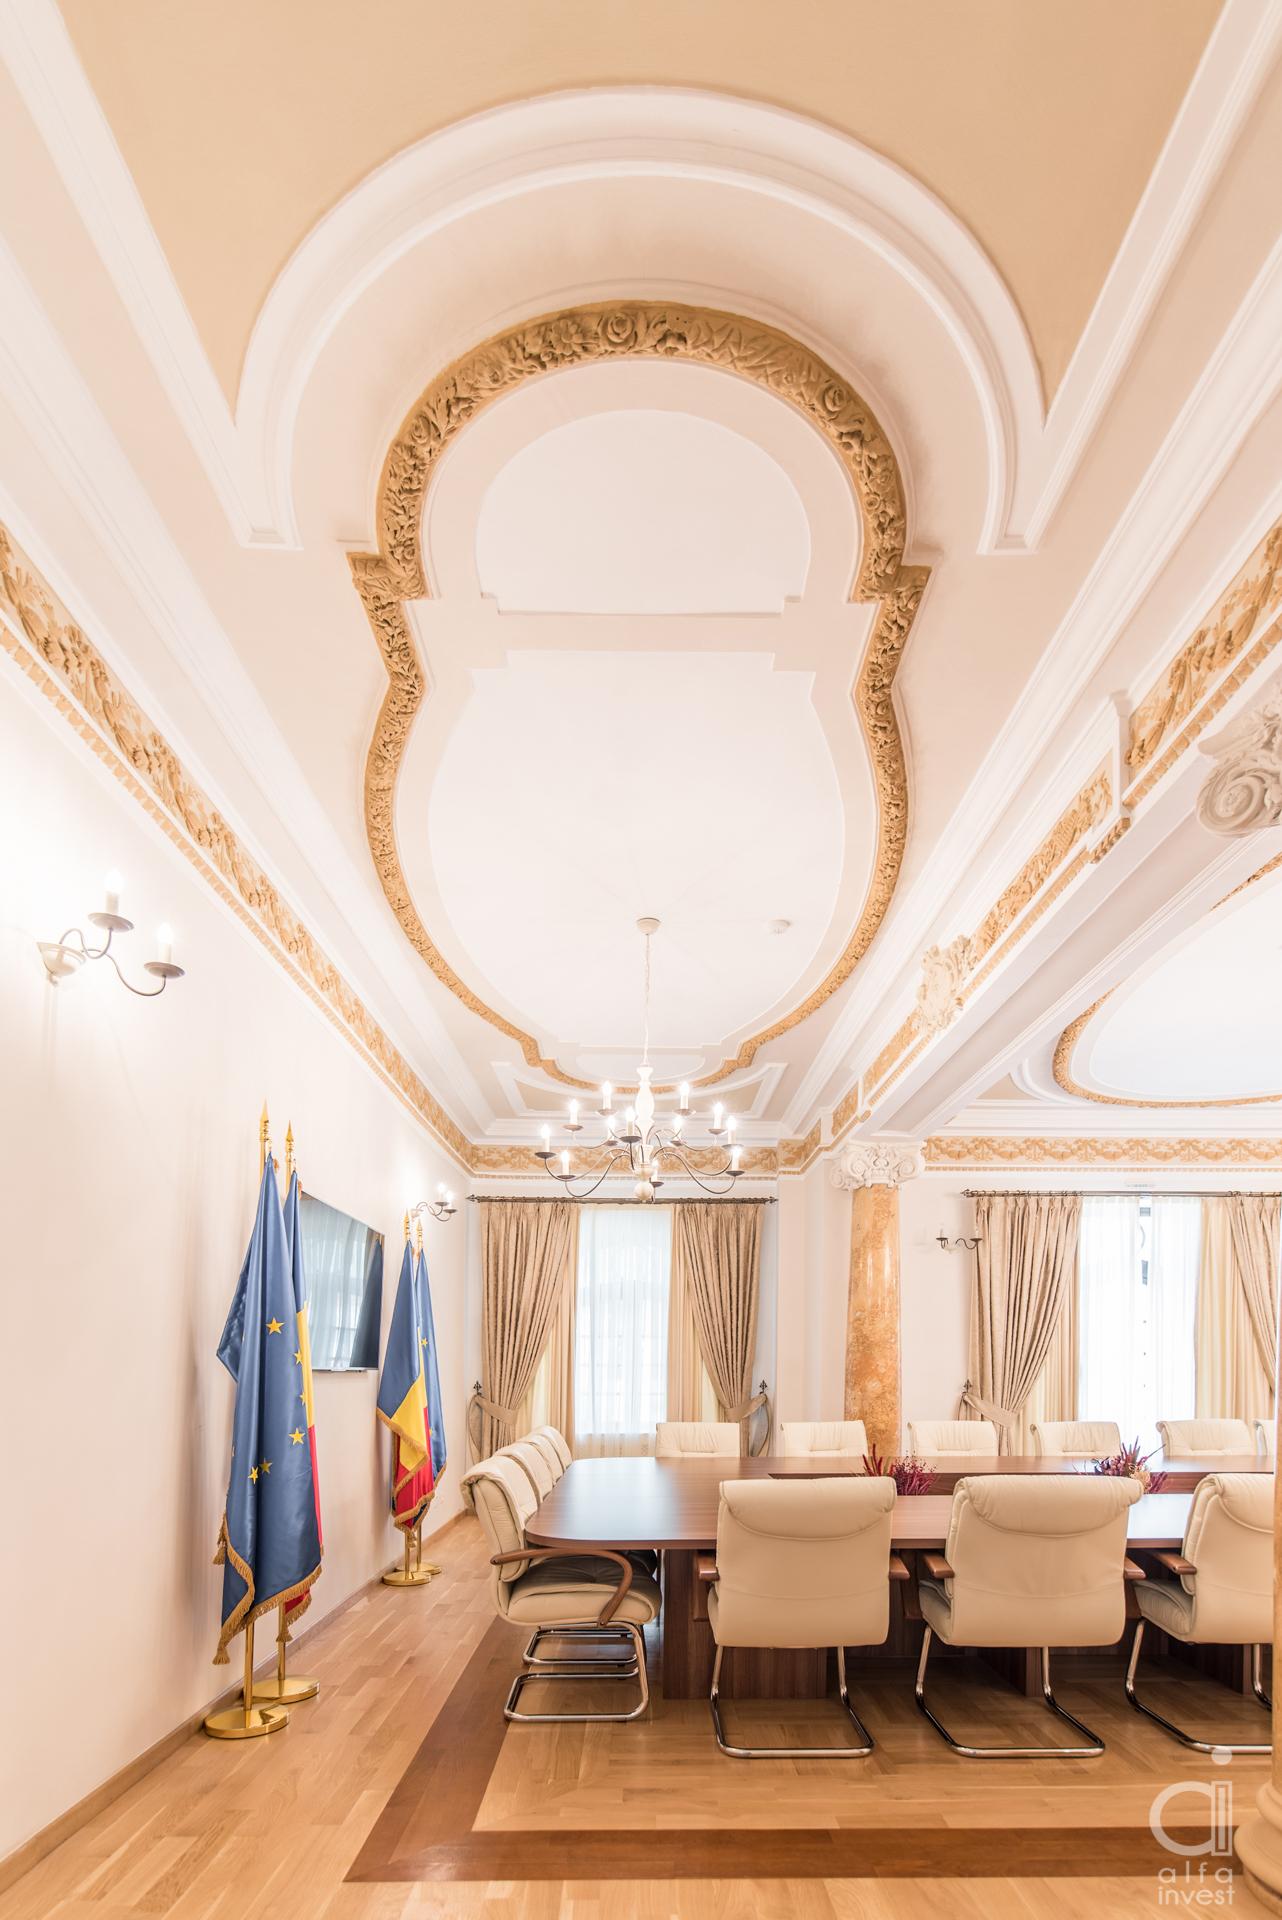 AMR (Sediu Birouri) 2017- Restaurare – Arh. Anca Mihaela Constantin